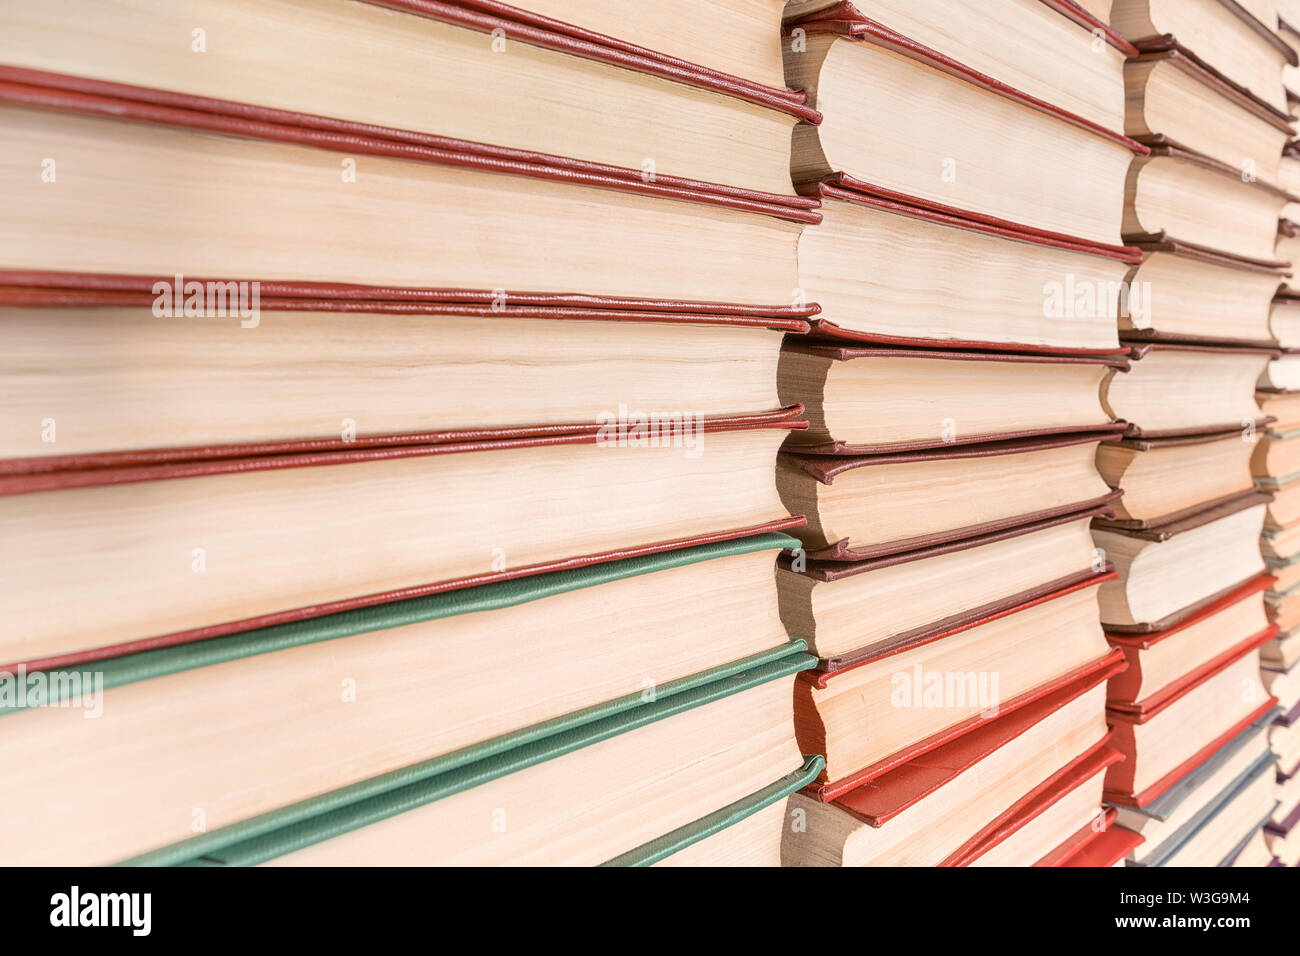 Pila de libros de disminución de la vista en perspectiva. La textura y el fondo Foto de stock